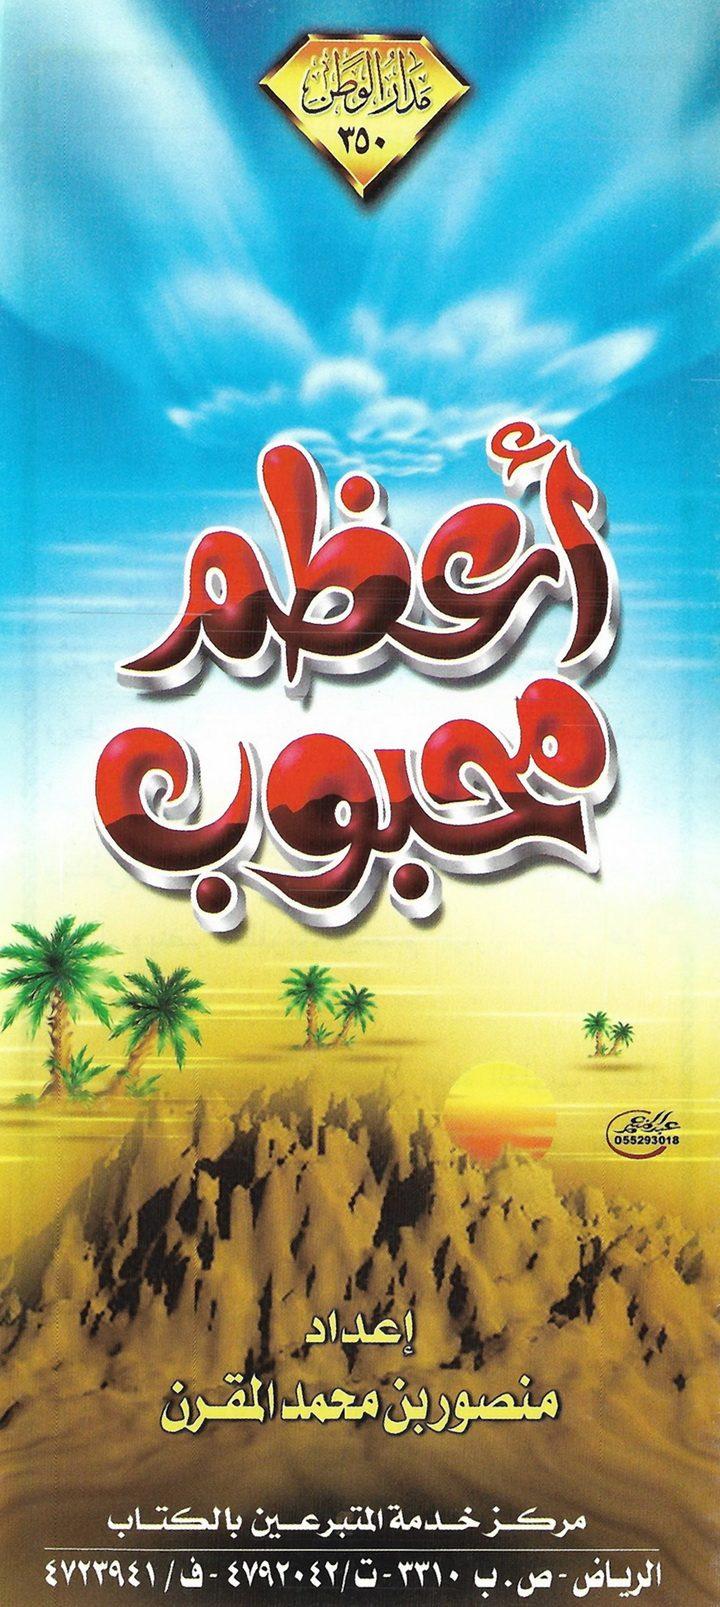 أعظم محبوب (منصور بن محمد المقرن – مدار الوطن)